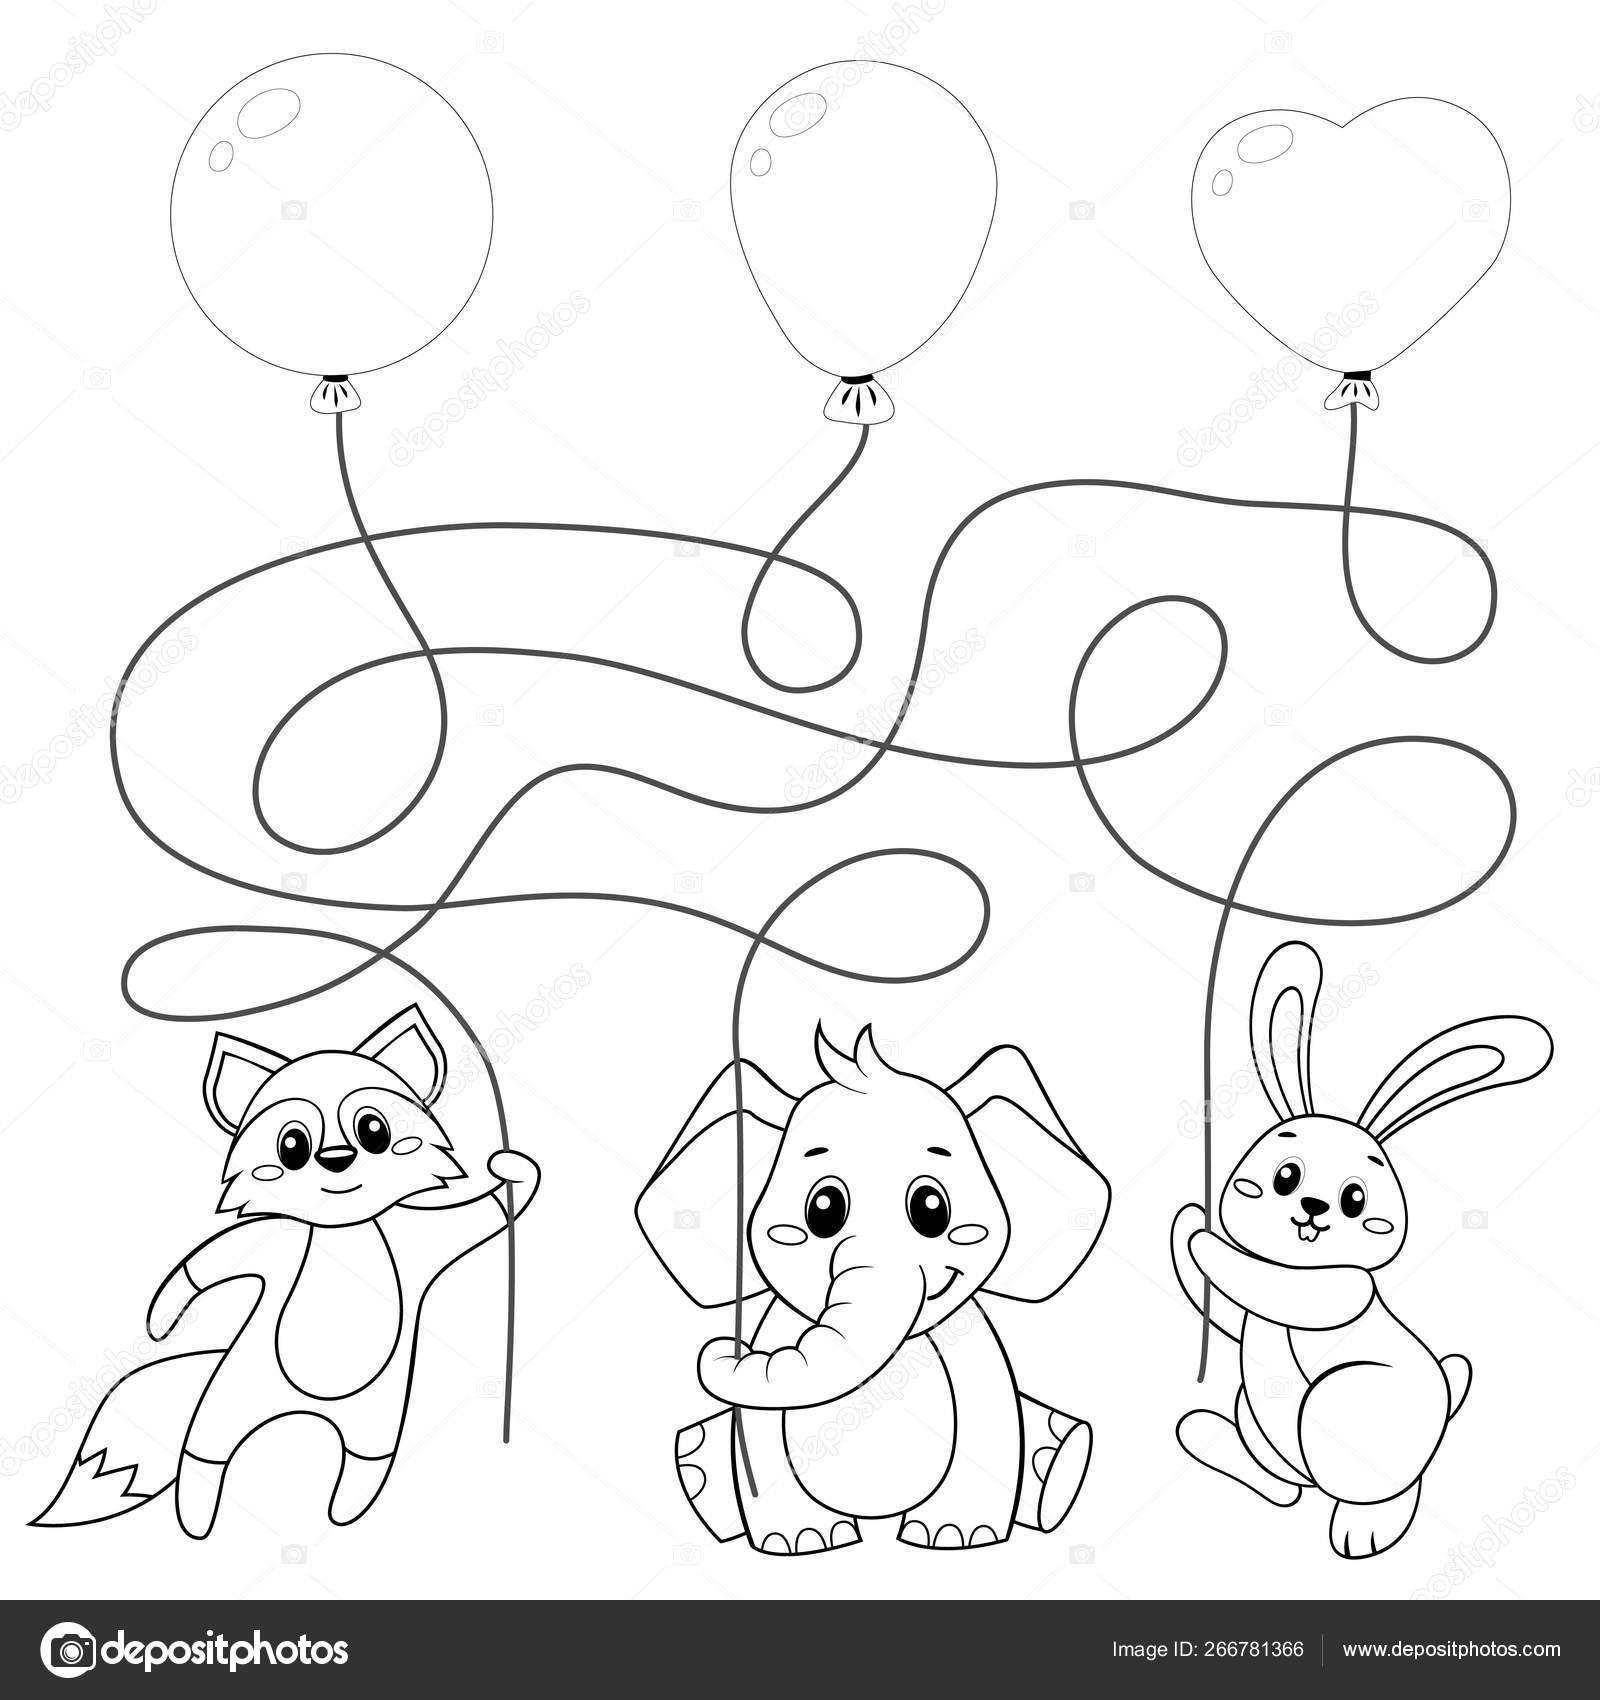 Balonlarla Ucan Hayvanlar Bulmaca Cocuklar Icin Labirent Oyunu